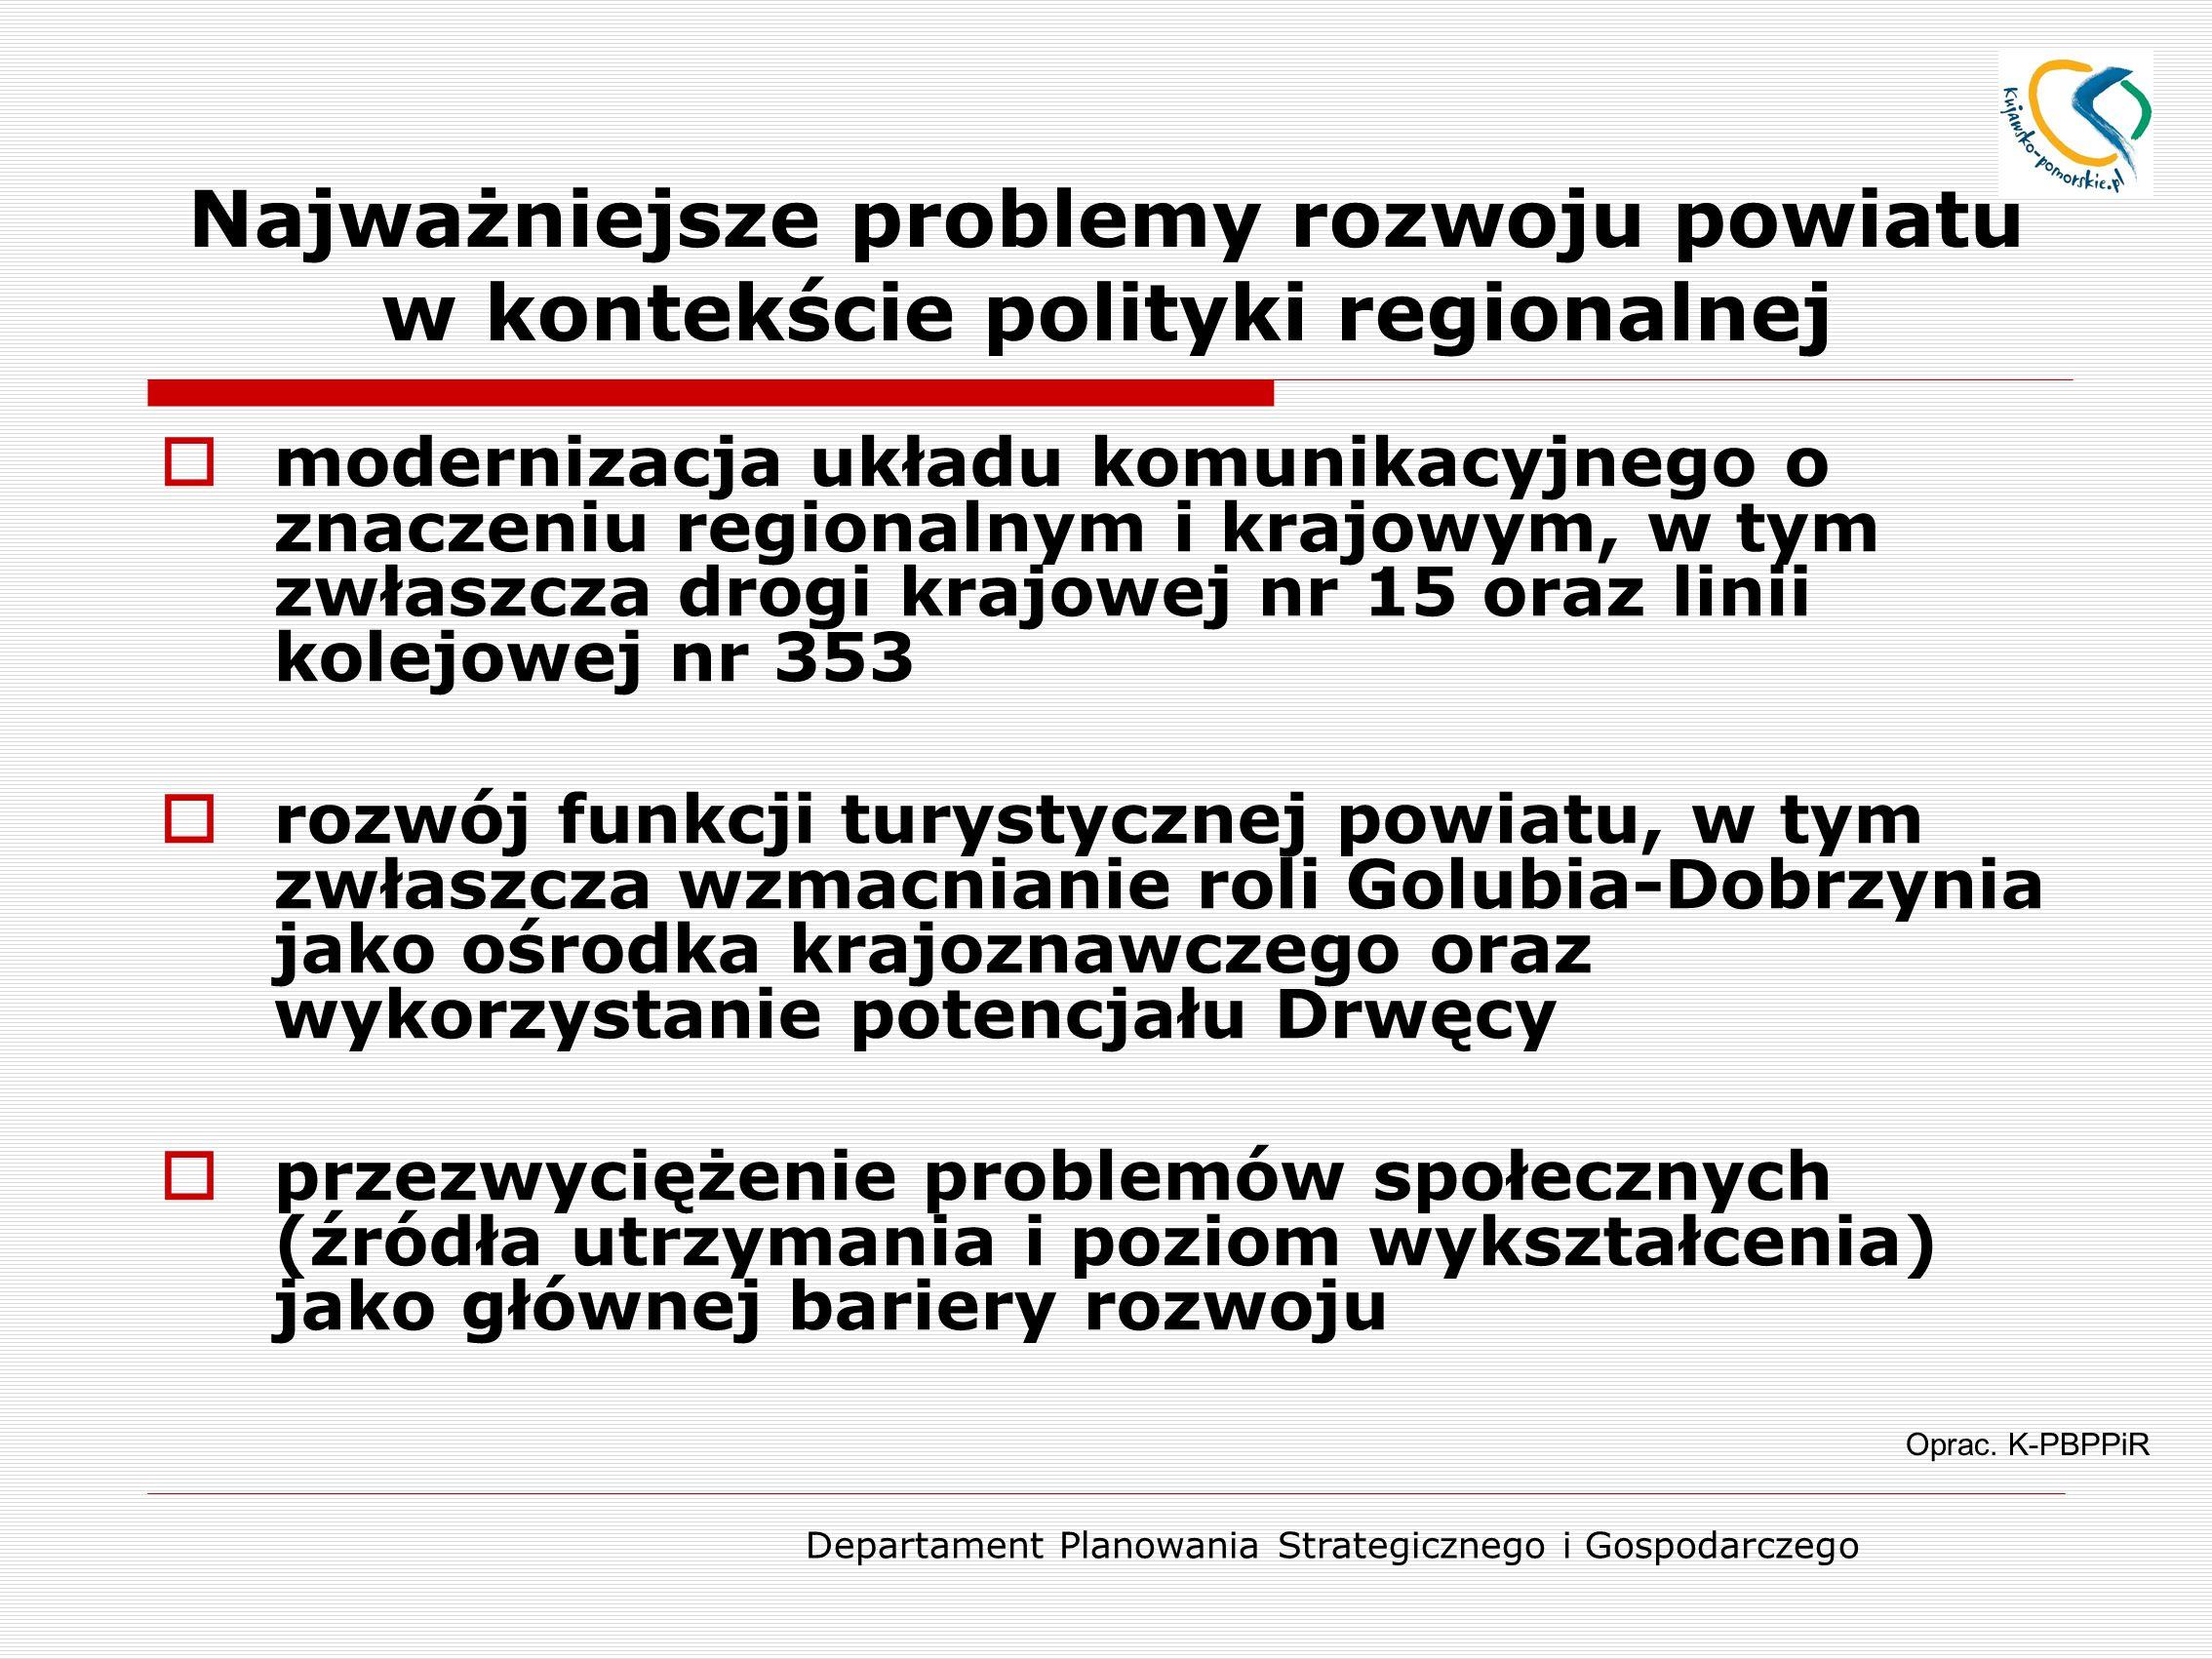 Departament Planowania Strategicznego i Gospodarczego Najważniejsze problemy rozwoju powiatu w kontekście polityki regionalnej  modernizacja układu komunikacyjnego o znaczeniu regionalnym i krajowym, w tym zwłaszcza drogi krajowej nr 15 oraz linii kolejowej nr 353  rozwój funkcji turystycznej powiatu, w tym zwłaszcza wzmacnianie roli Golubia-Dobrzynia jako ośrodka krajoznawczego oraz wykorzystanie potencjału Drwęcy  przezwyciężenie problemów społecznych (źródła utrzymania i poziom wykształcenia) jako głównej bariery rozwoju Oprac.